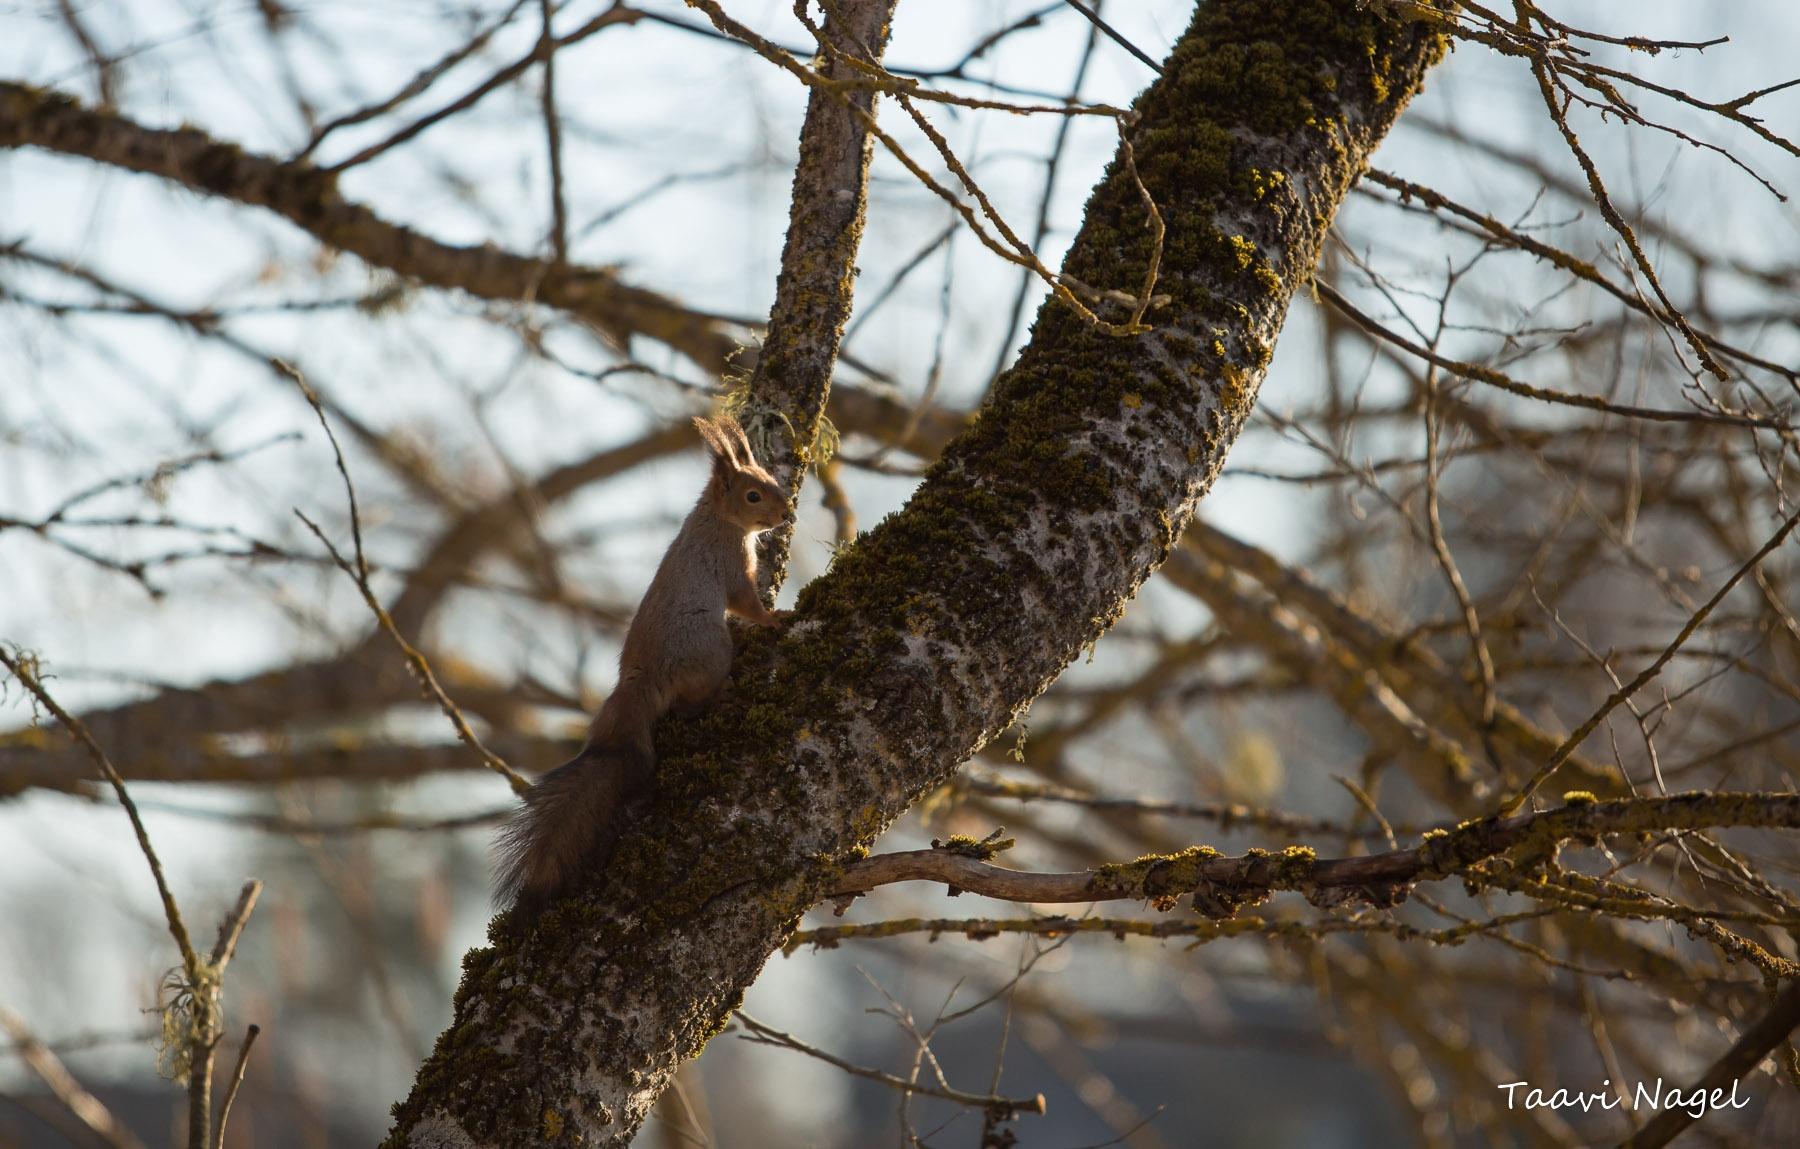 Oravapoiss